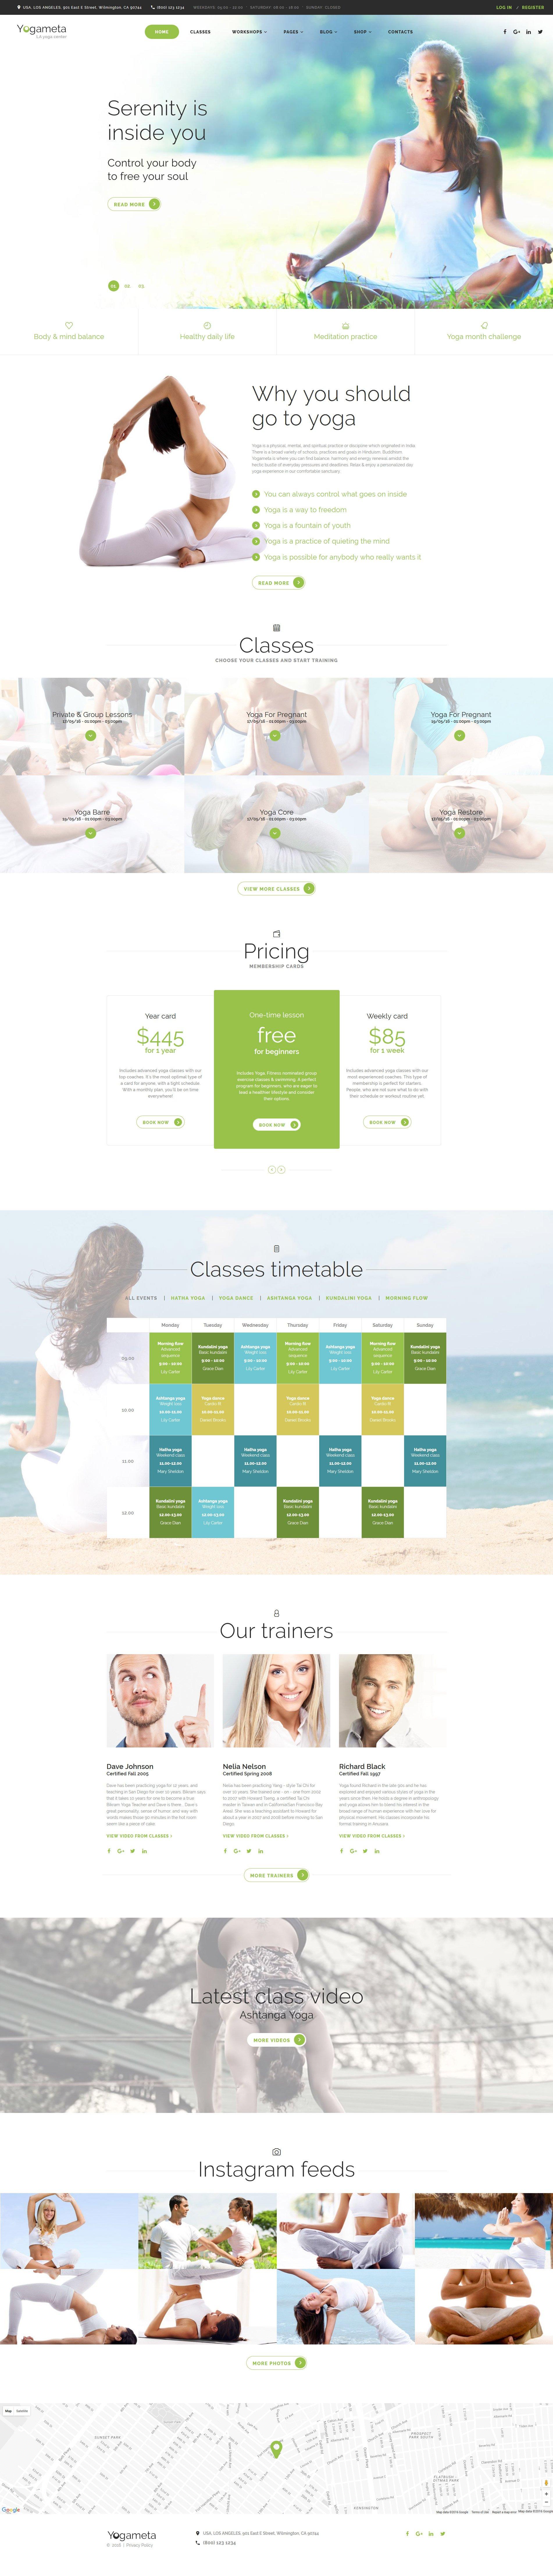 Responsywny szablon strony www Yogameta #58908